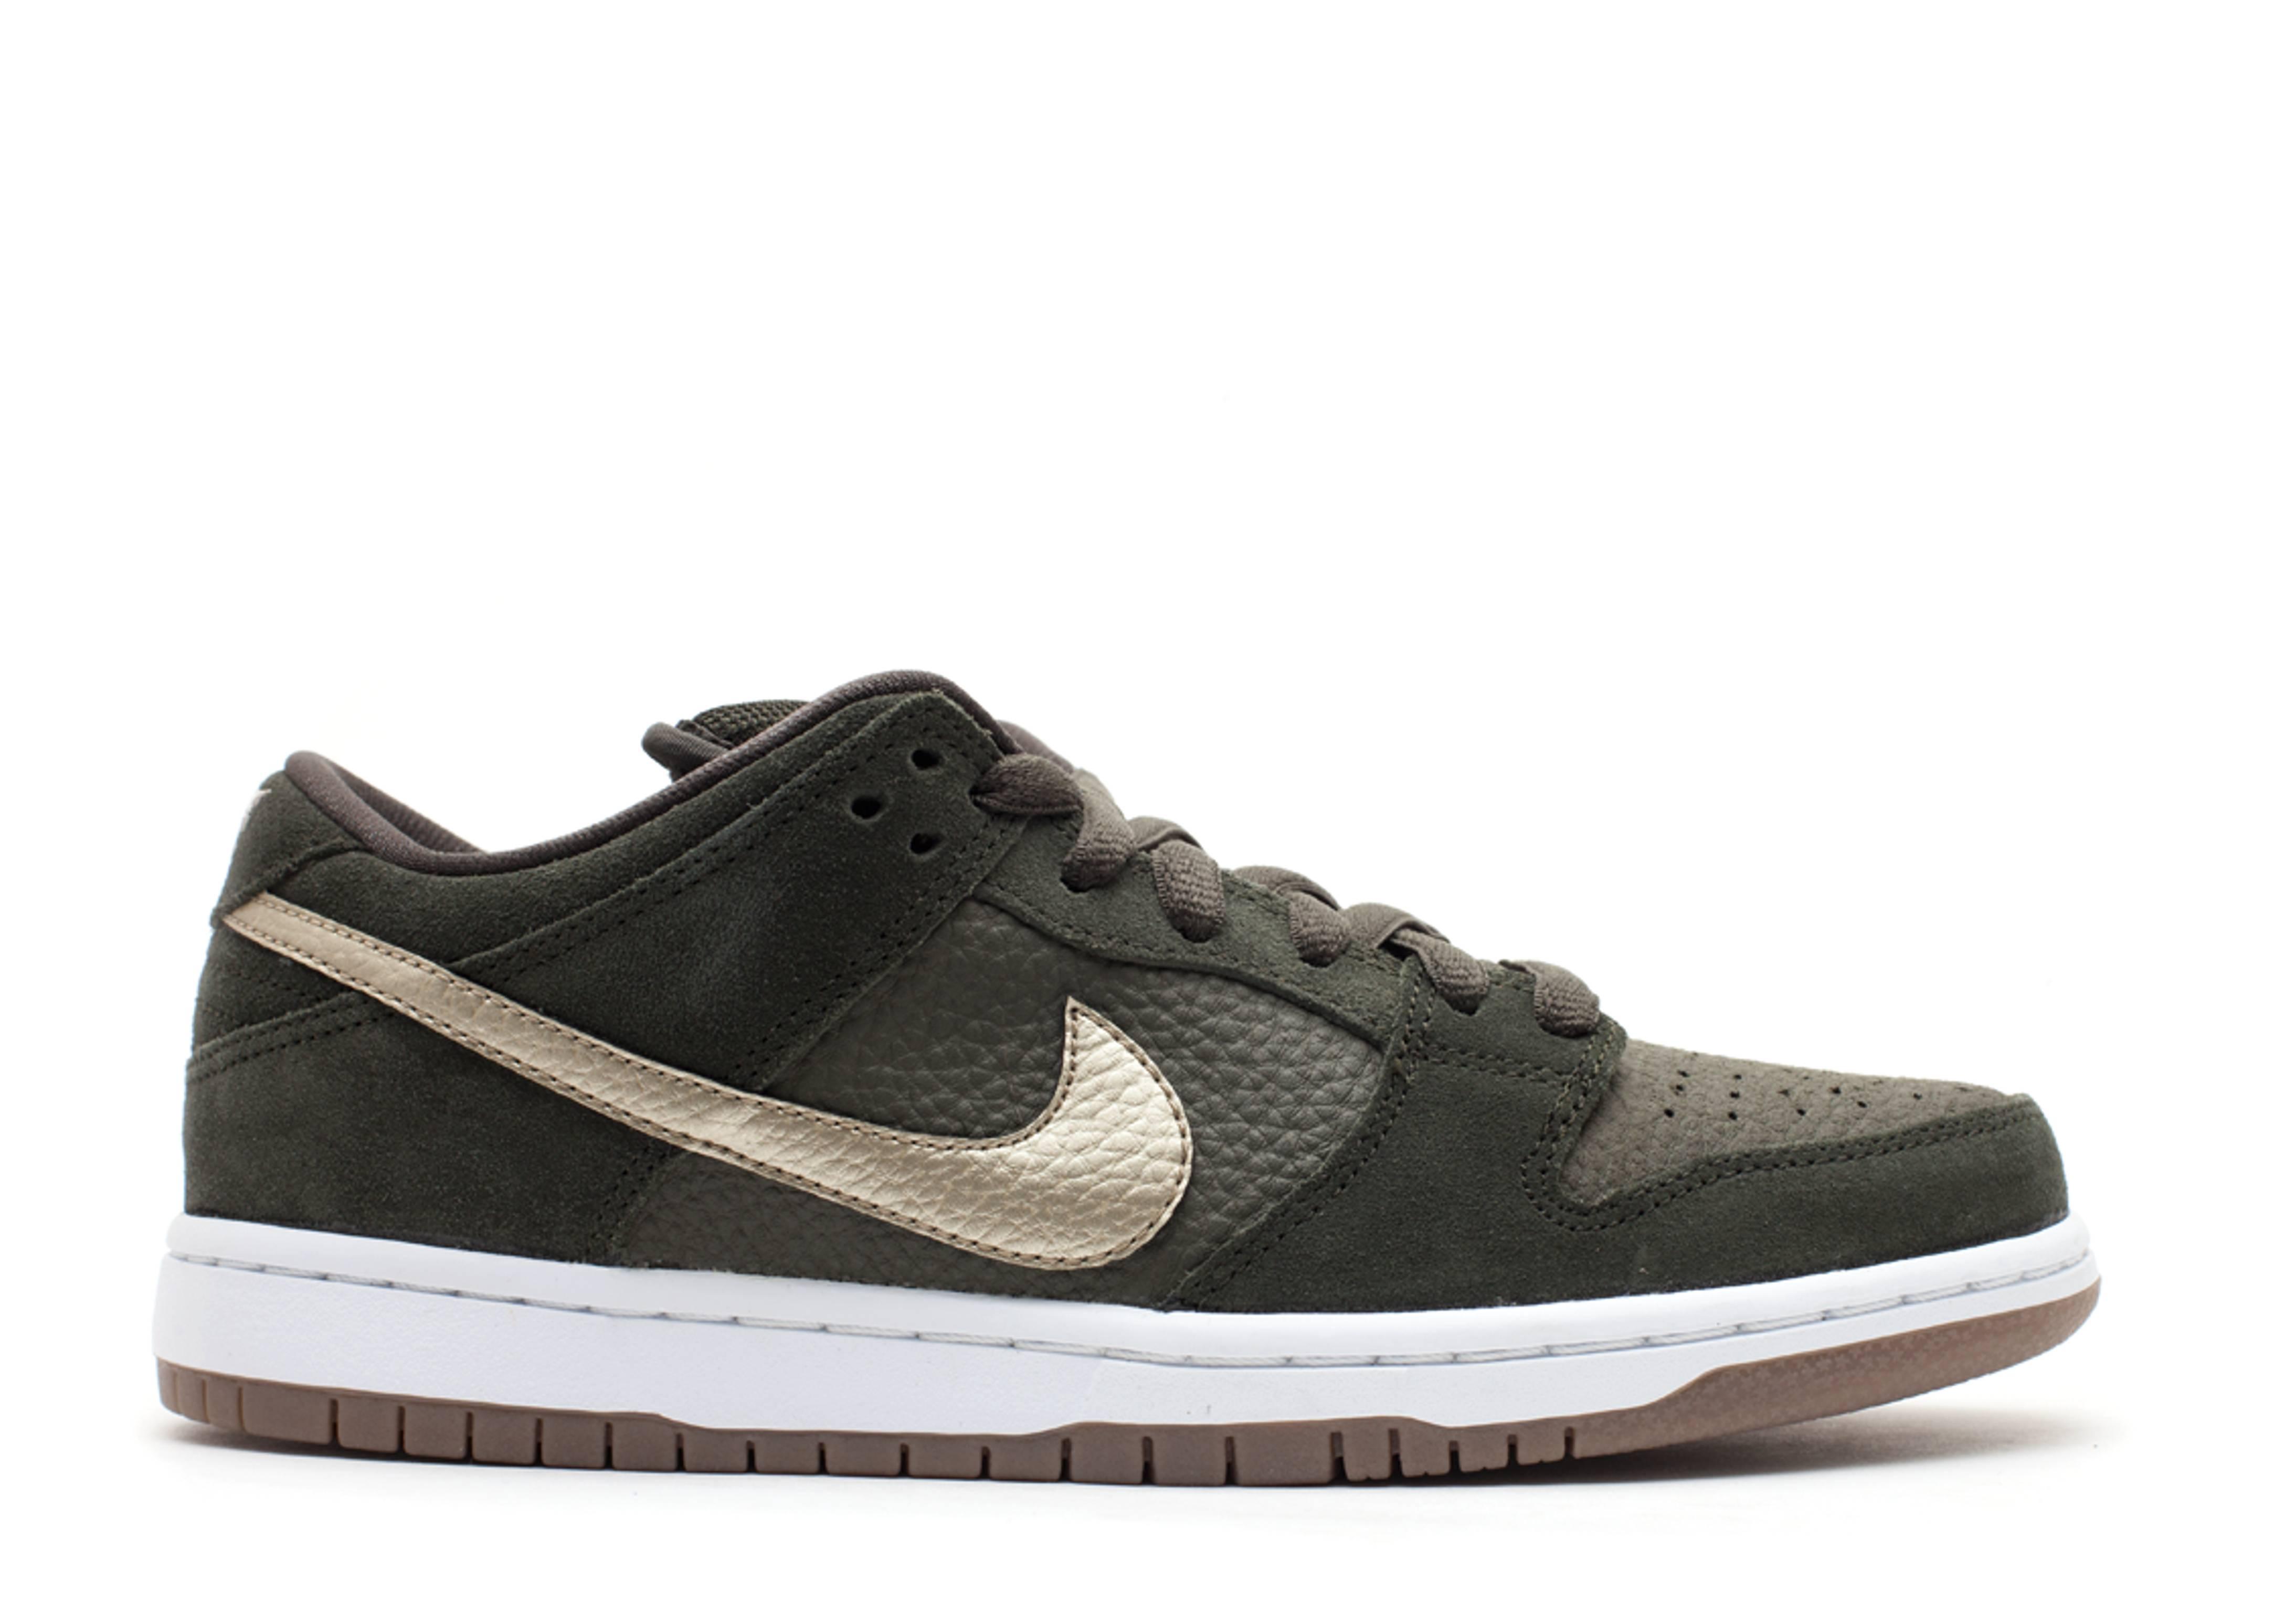 Nike Dunk Low Pro Séquoia / Blanc / Gomme combien à vendre W1m33mhW3t